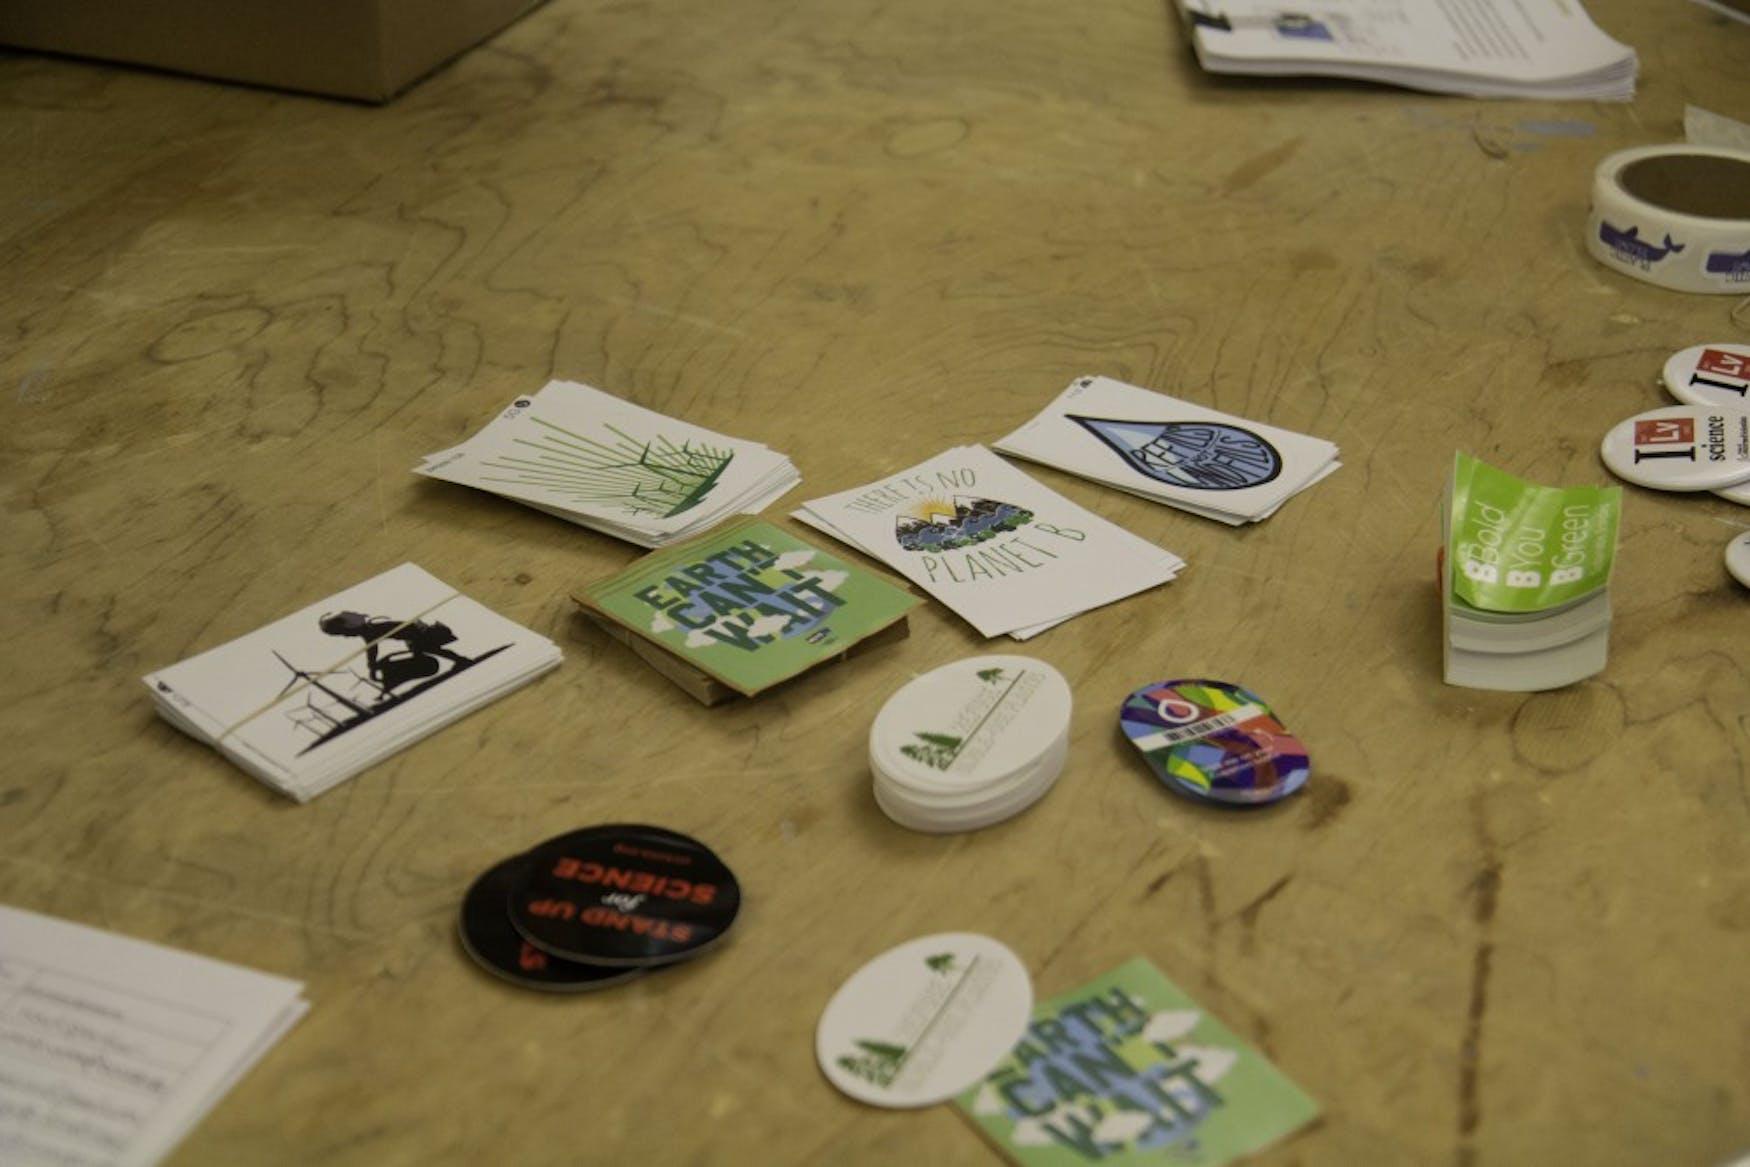 sustainability-9-26-19-jg-0011-2